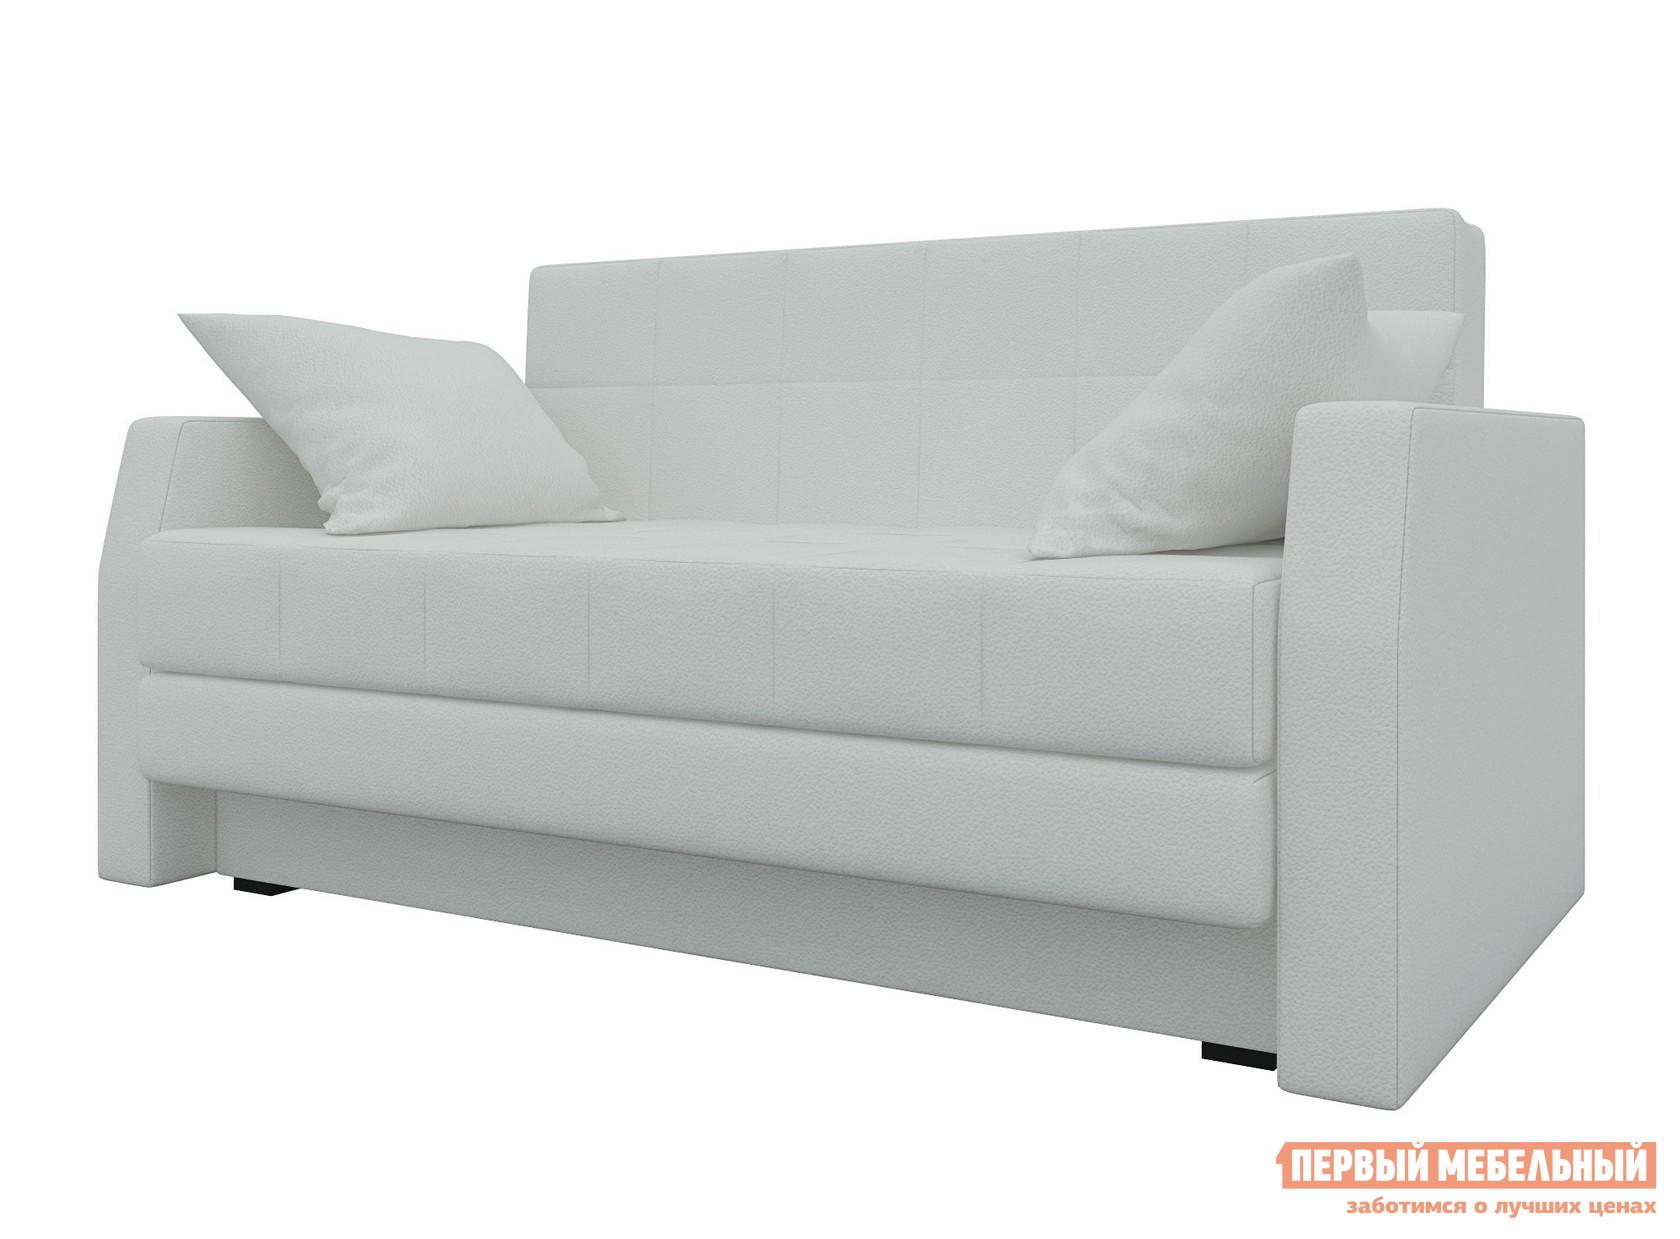 Диван Мебелико Малютка Экокожа белая Мебелико Габаритные размеры ВхШхГ 880x1480x860 мм. Суперкомпактный раскладной диван с декоративными подушками поможет создать уютный уголок отдыха в гостиной и при этом обеспечит полноценное спальное место. <br>Простой и надежный механизм трансформации помогает превратиться диван в кровать со спальным местом 1300х1870 мм.  Также модель оснащена бельевым ящиком. <br>Каркас дивана выполнен из фанеры и ЛДСП, обивка — ткань или экокожа, в зависимости от выбранного цвета.  Внутреннее наполнение — пенополиуретан. <br>